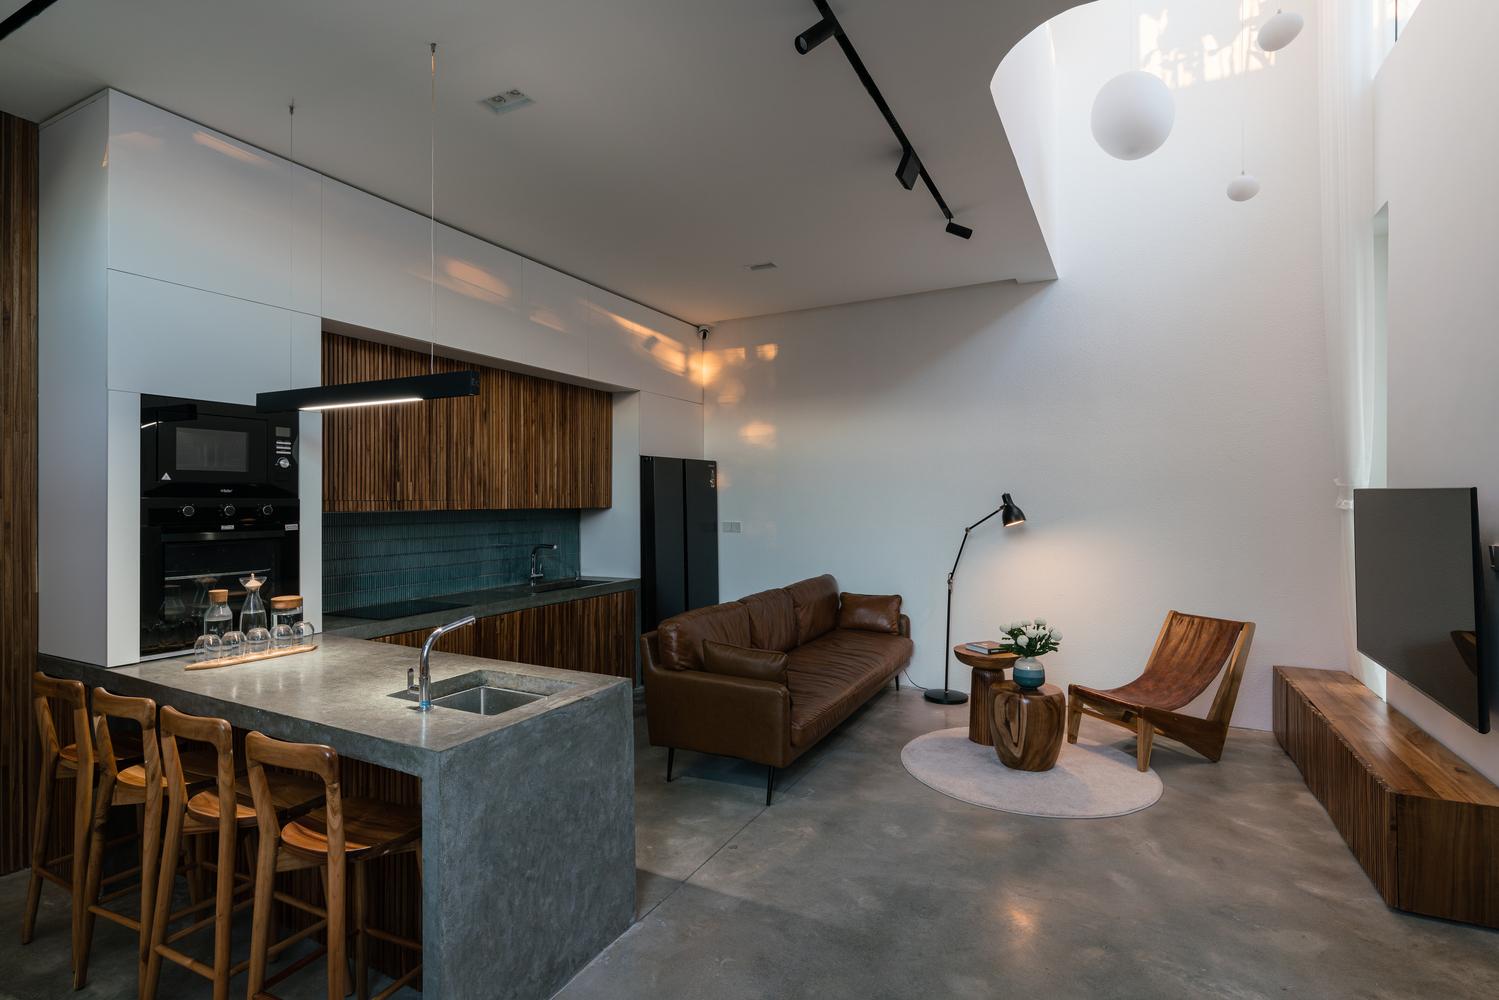 Phòng khách và bếp - ăn được thiết kế liên thông, rộng mở.